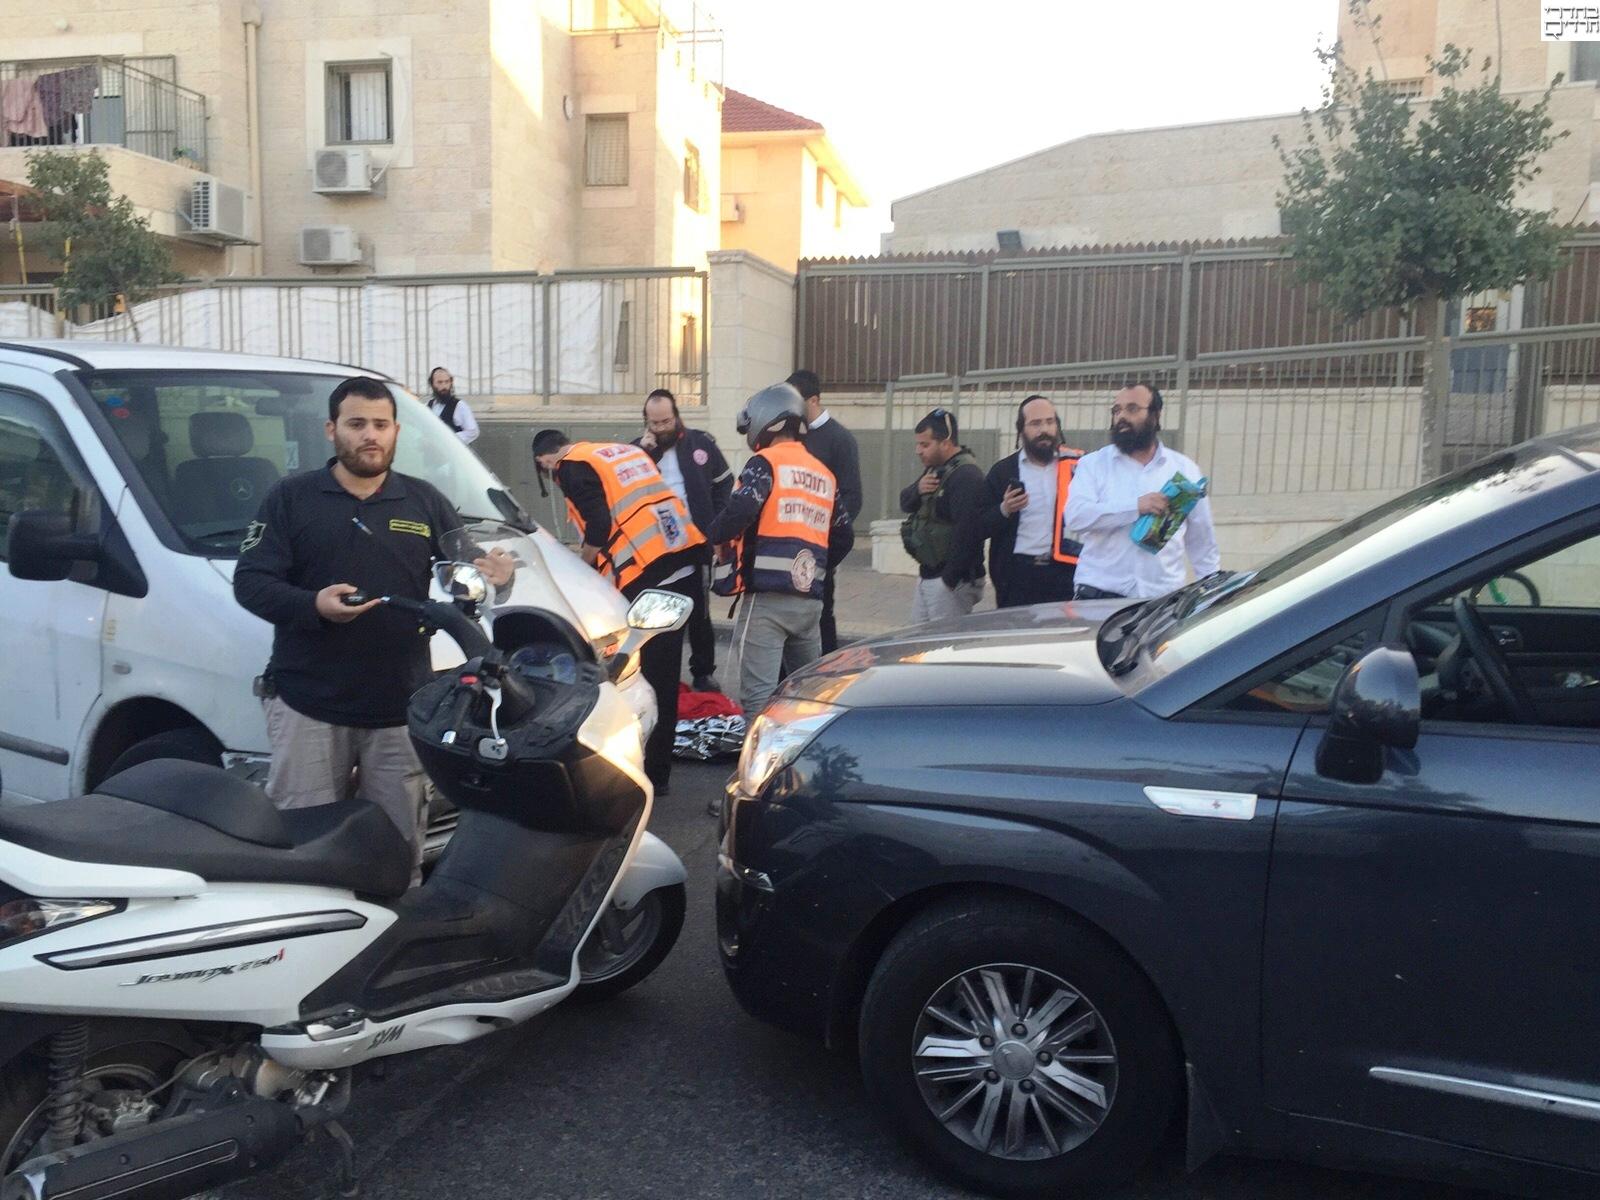 ילד בן 5 נפצע ממונית באלעד: מצבו קשה